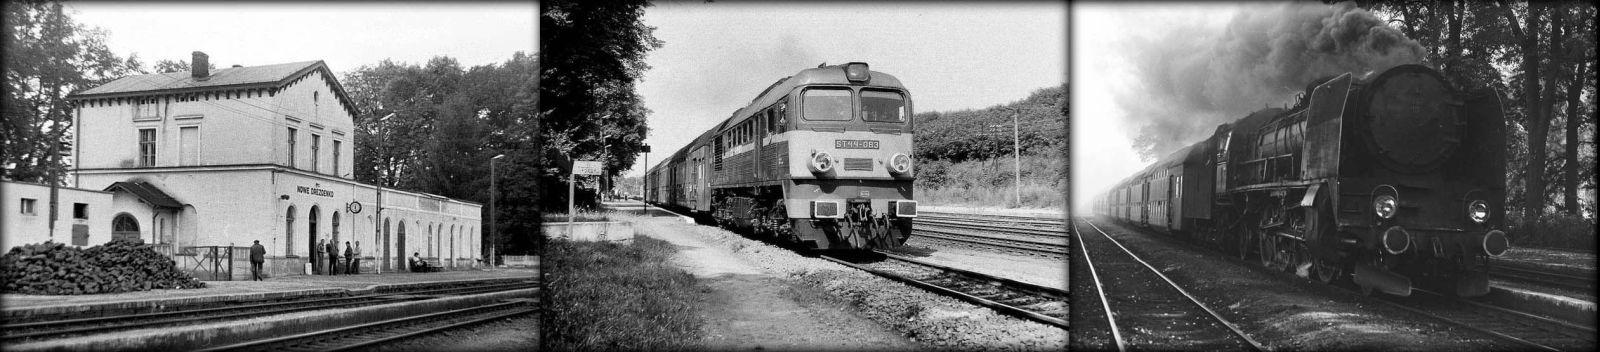 Od lewej: Dworzec w 1986 roku. W środku 1990. Po prawej Pt47-10 z Krzyża do Gorzowa Wlkp.